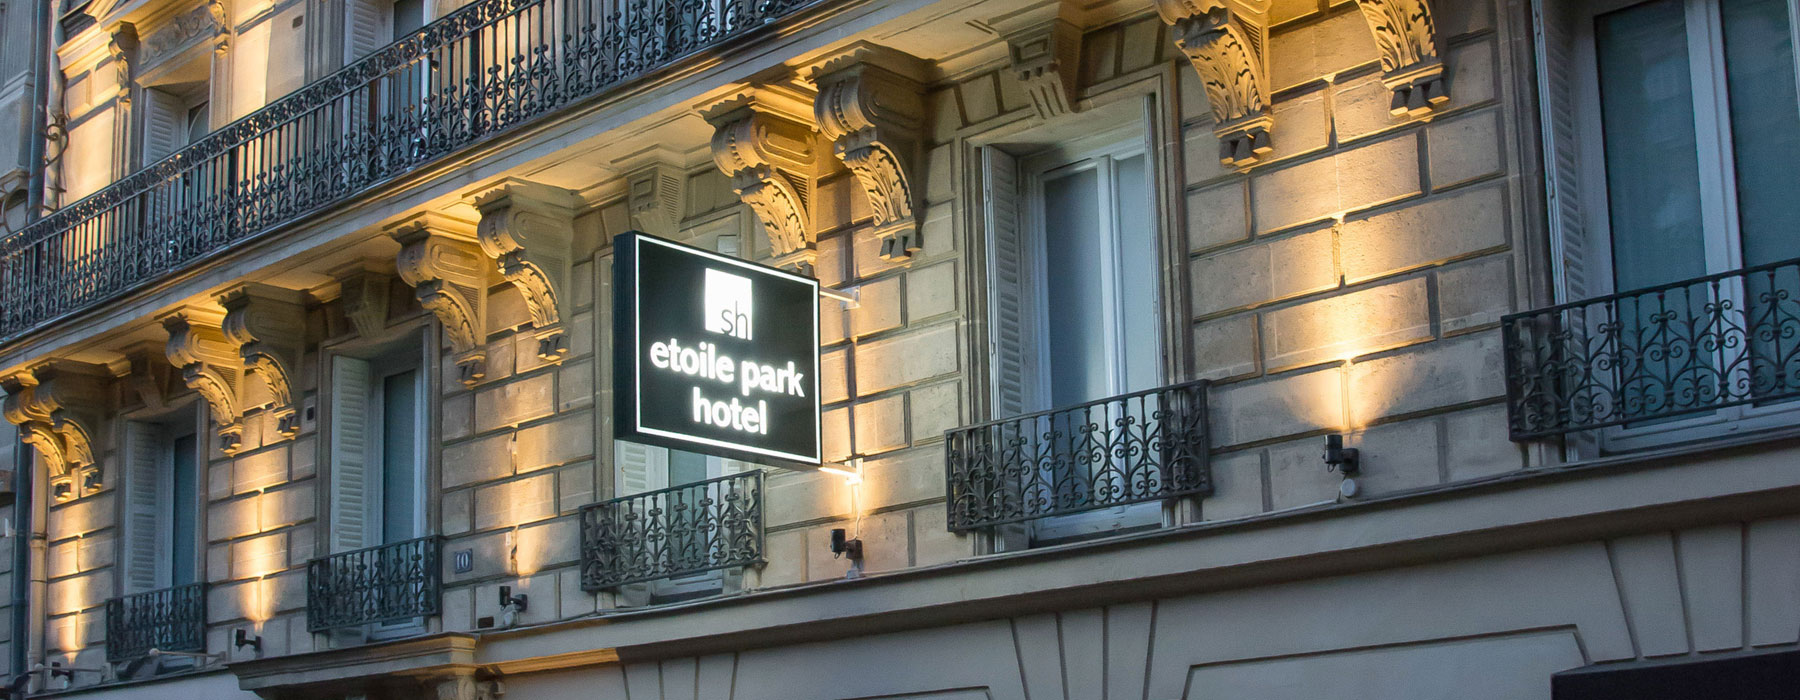 Etoile park hotel paris hotel 3 etoiles champs elysees for Hotels 1 etoile paris